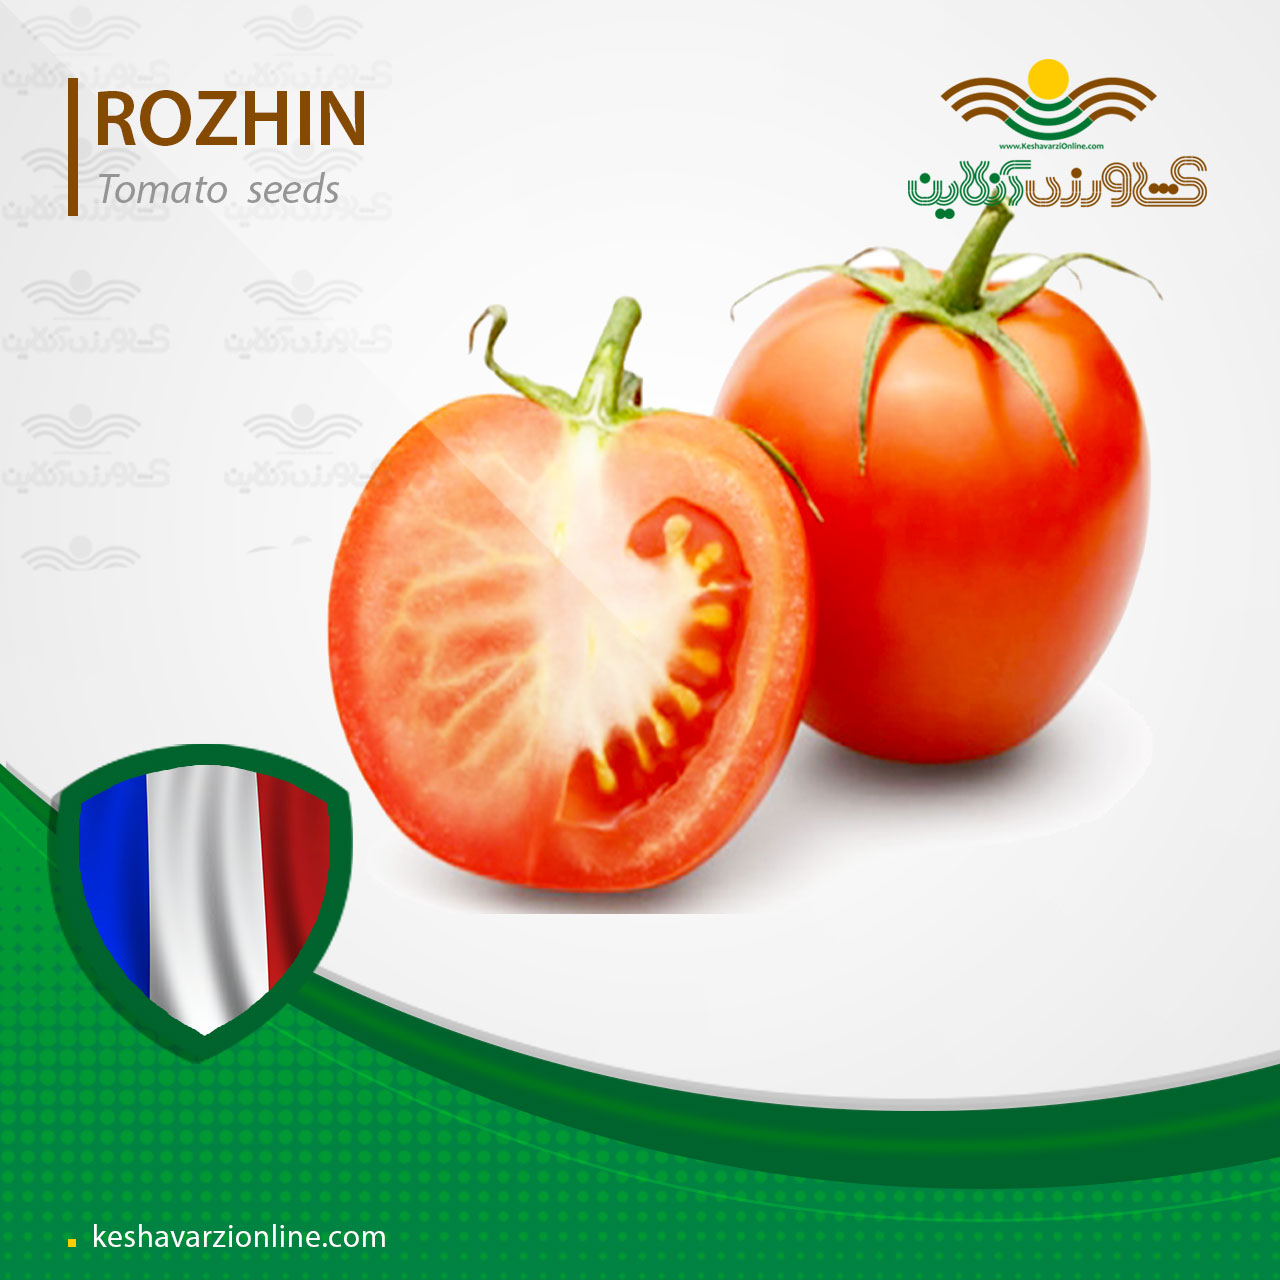 بذر گوجه فرنگی روژین